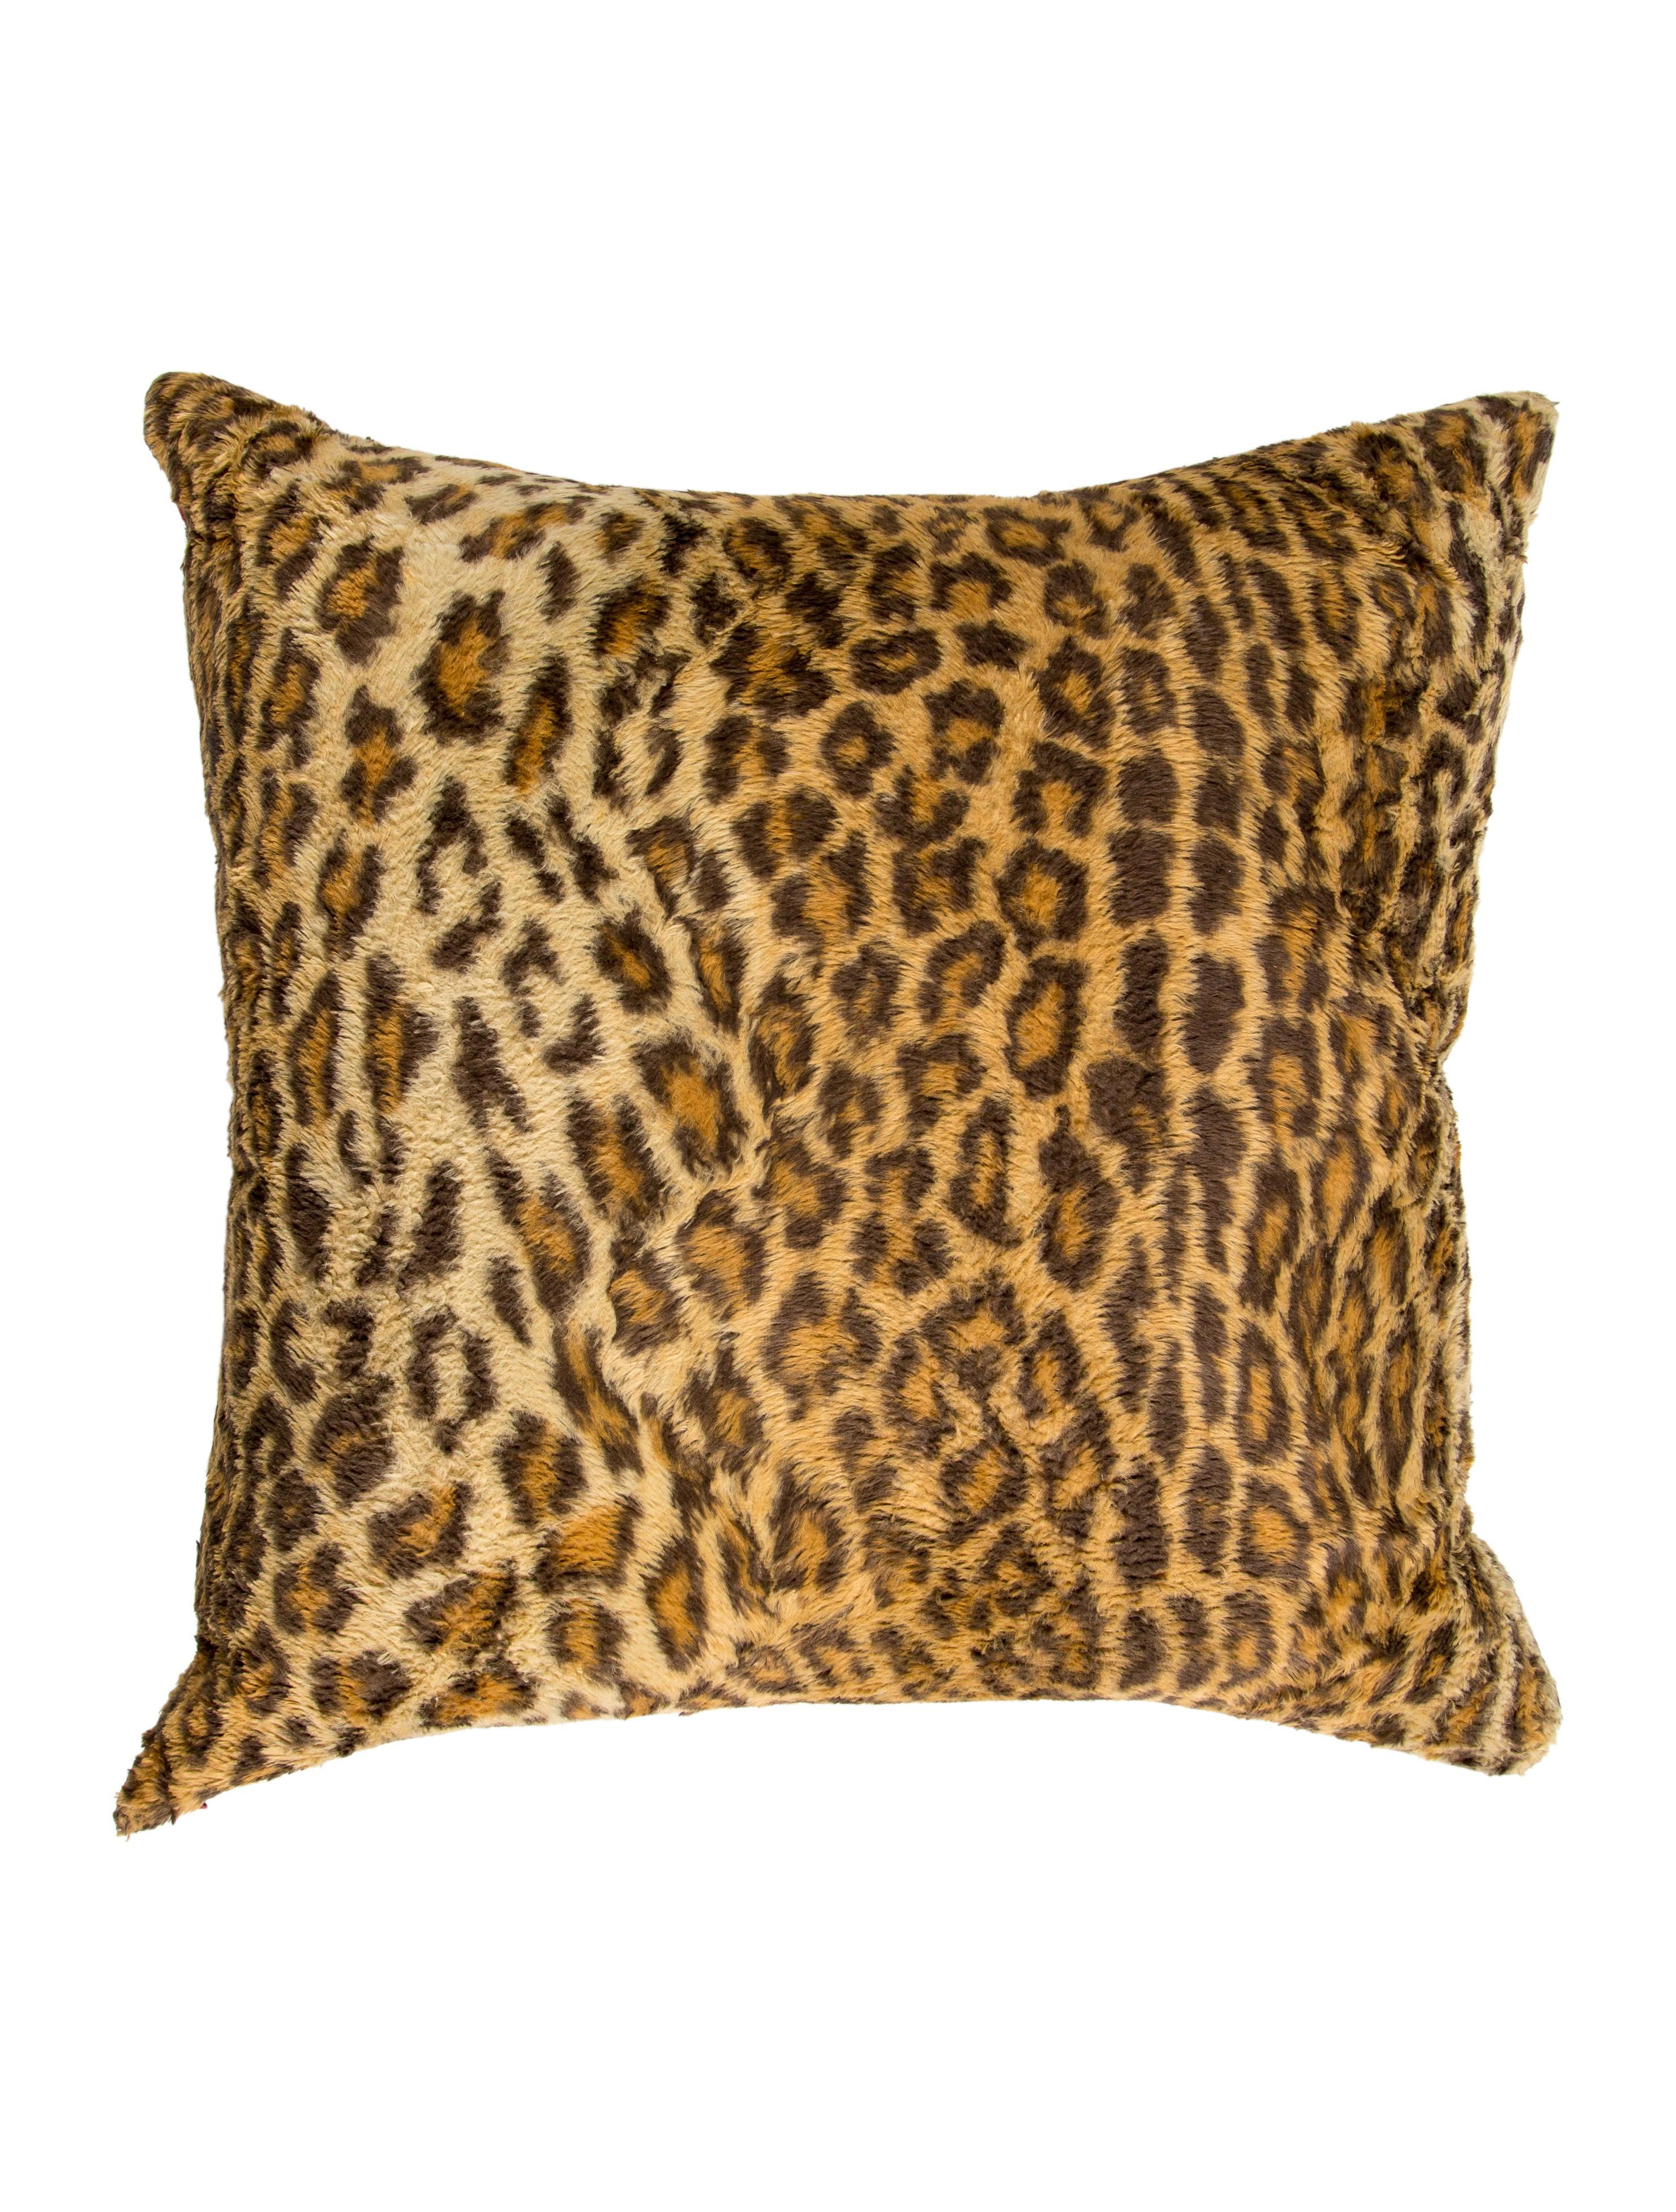 Ralph Lauren Aragon Leopard Throw Pillow - Bedding And Bath ...